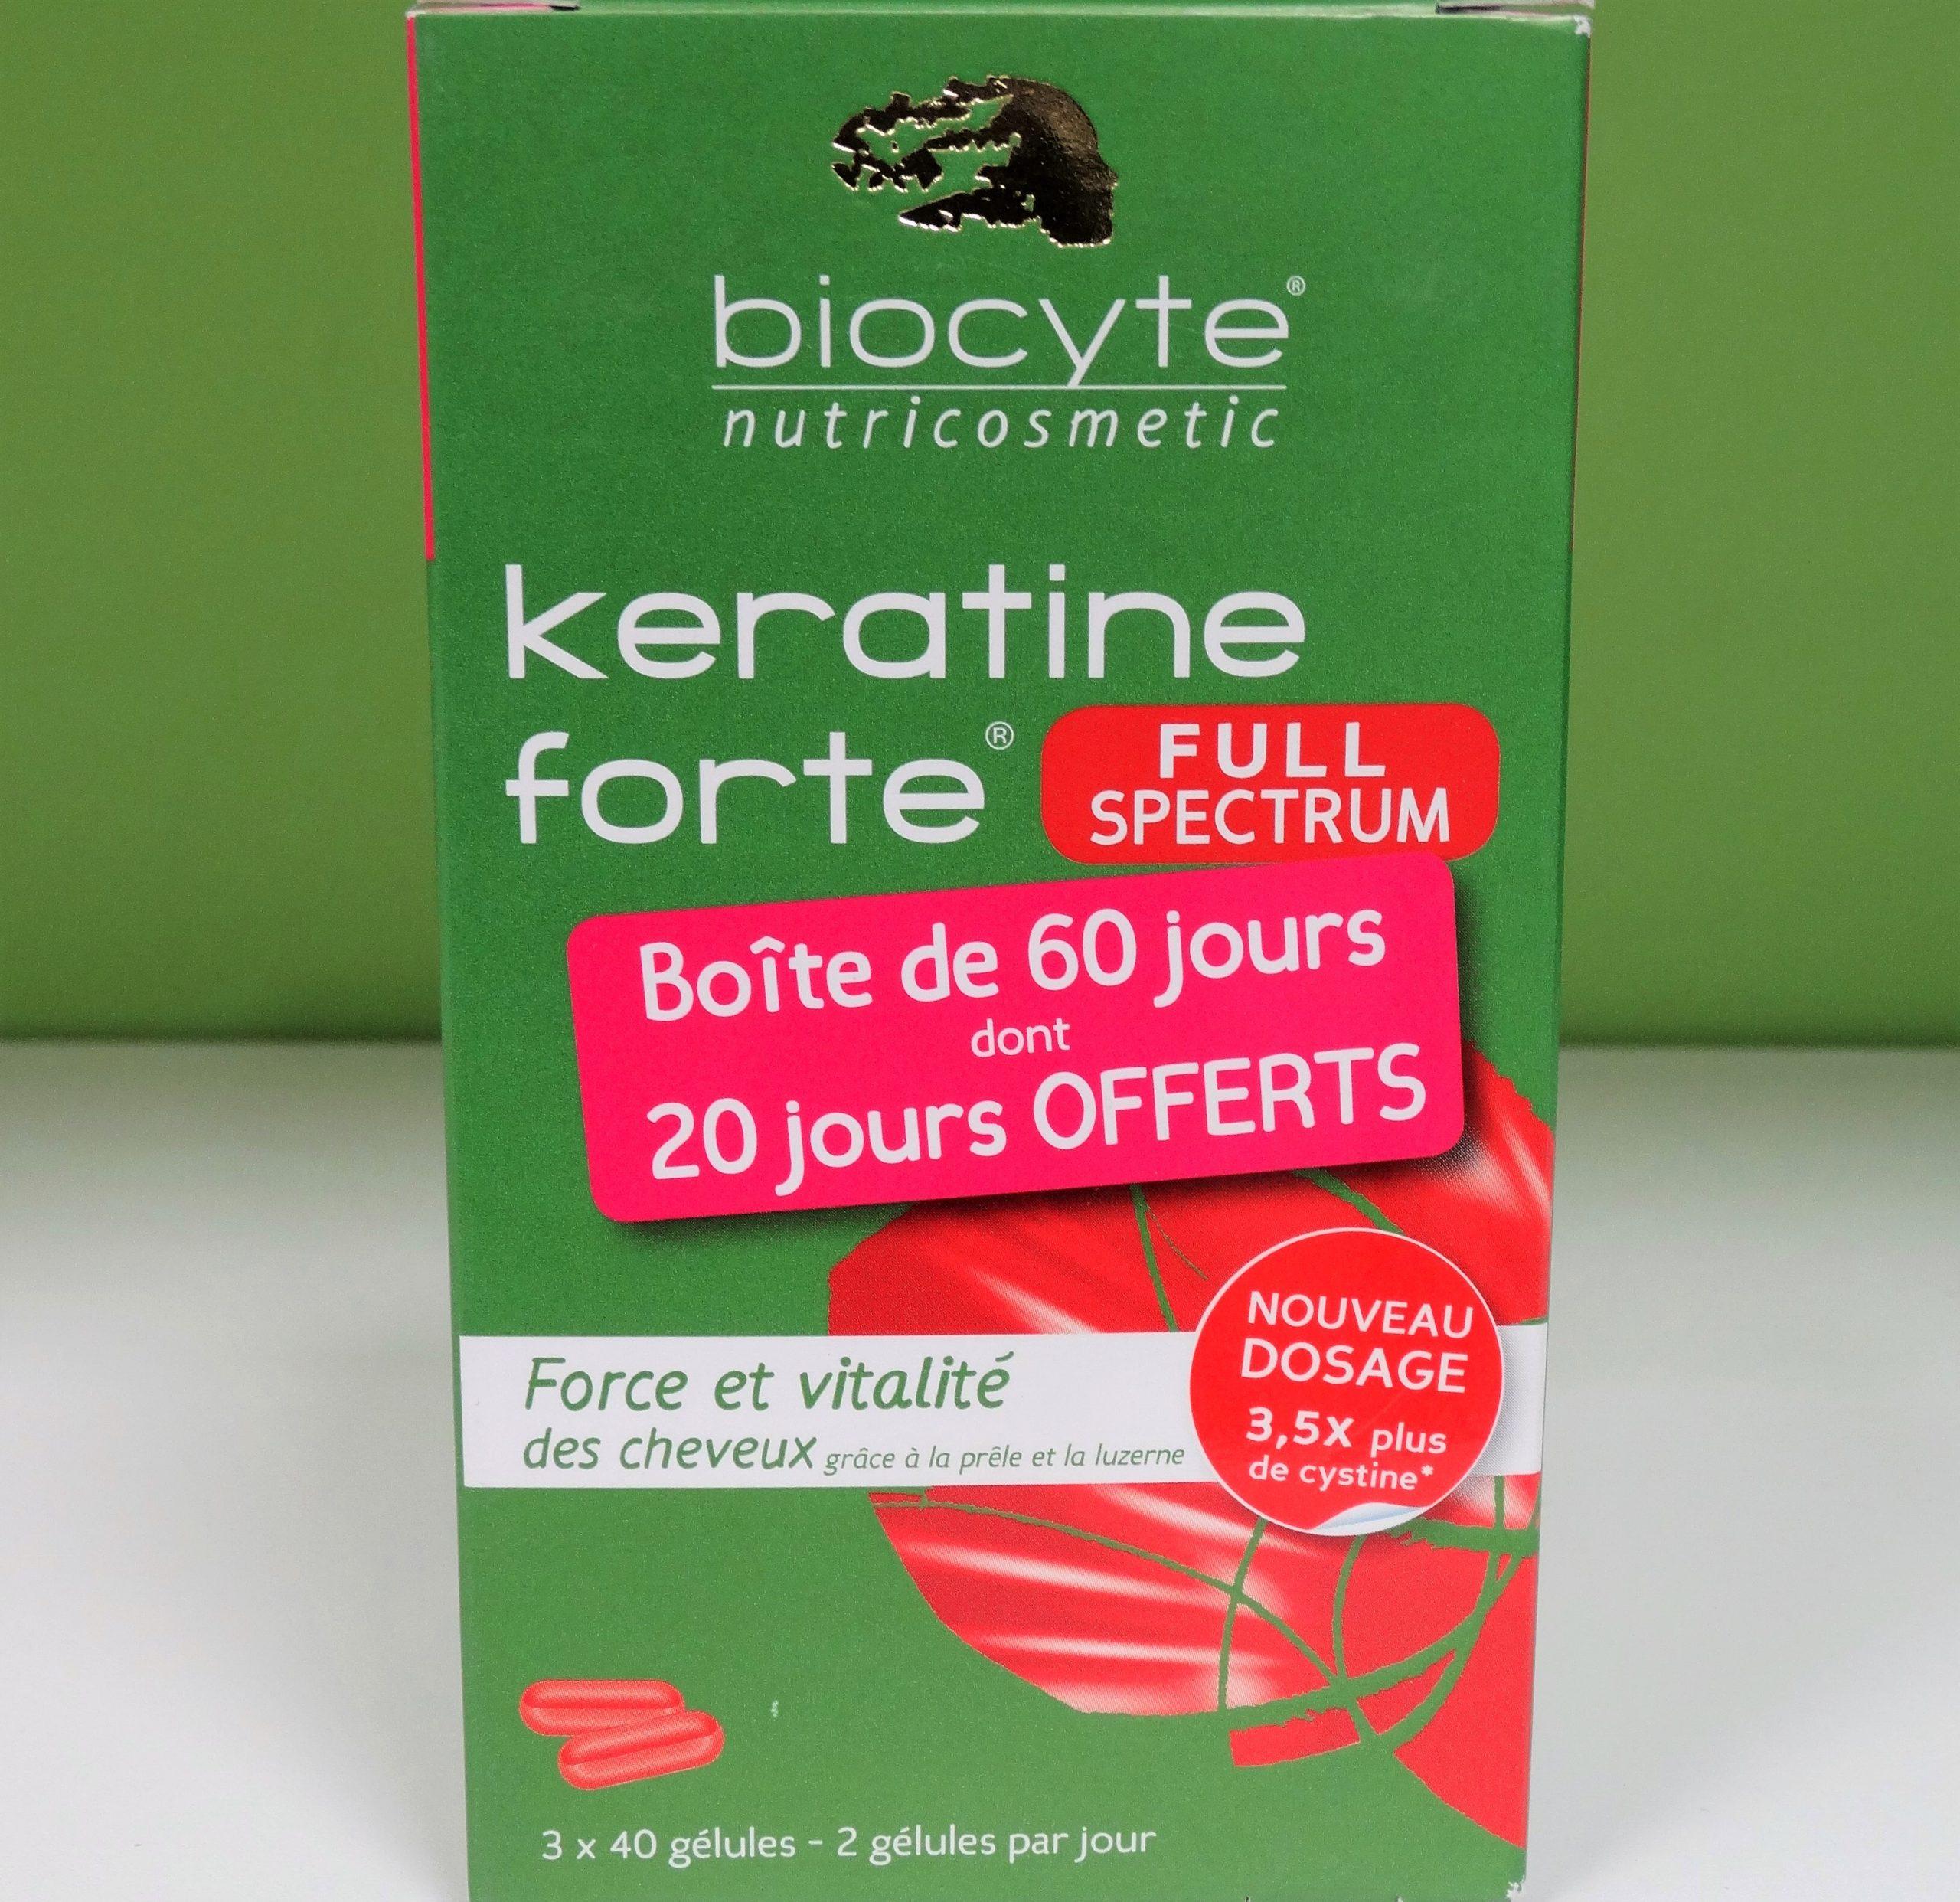 Biocyte Keratine Forte 40 cápsulasKeratine forte refuerza la masa capilar, aporta elasticidad y flexibilidad, aumenta el volumen y brillo del pelo.